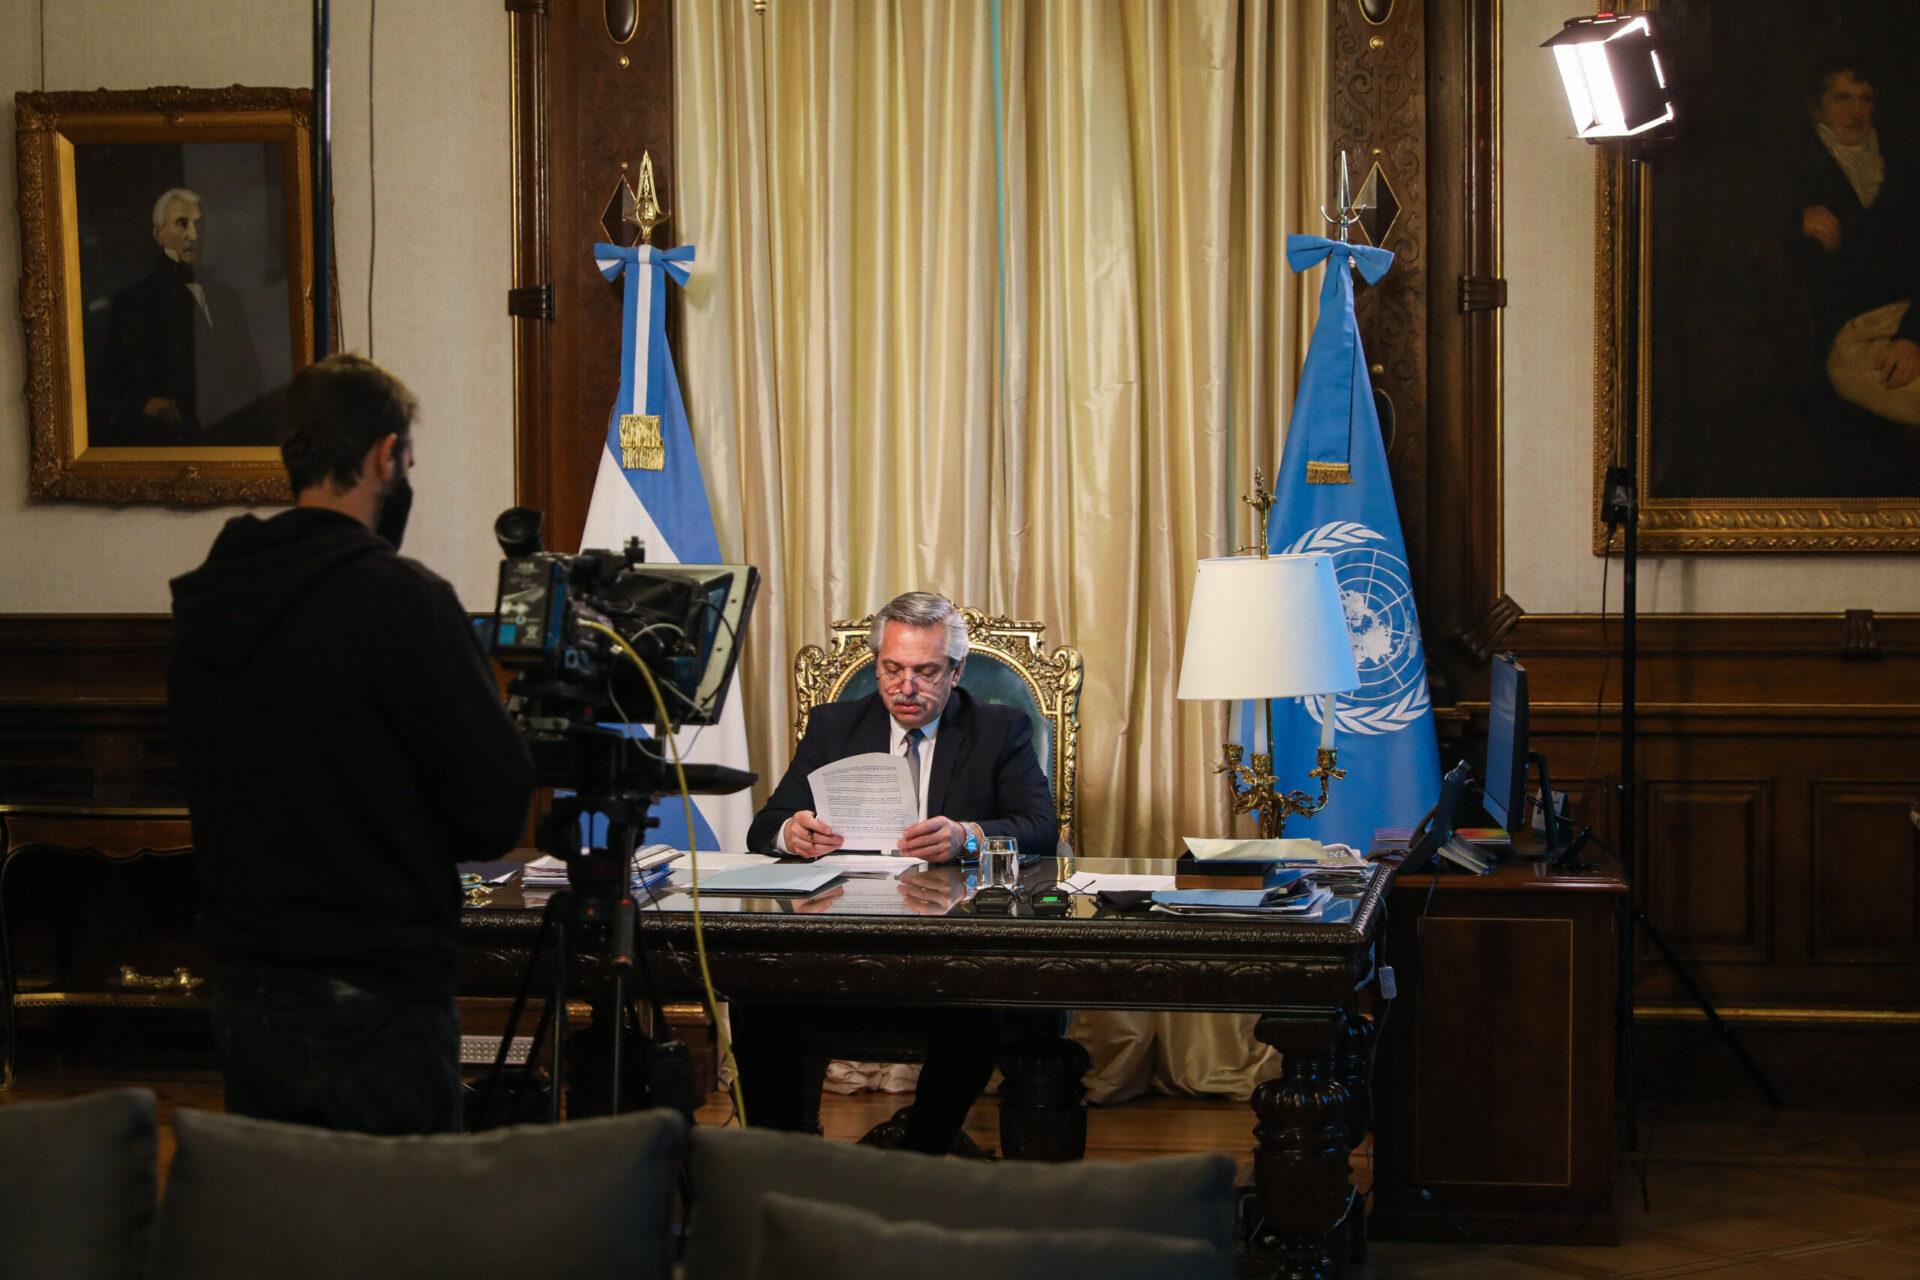 Diálogo y cooperación: los ejes del discurso de Alberto Fernández en su primer discurso ante la ONU